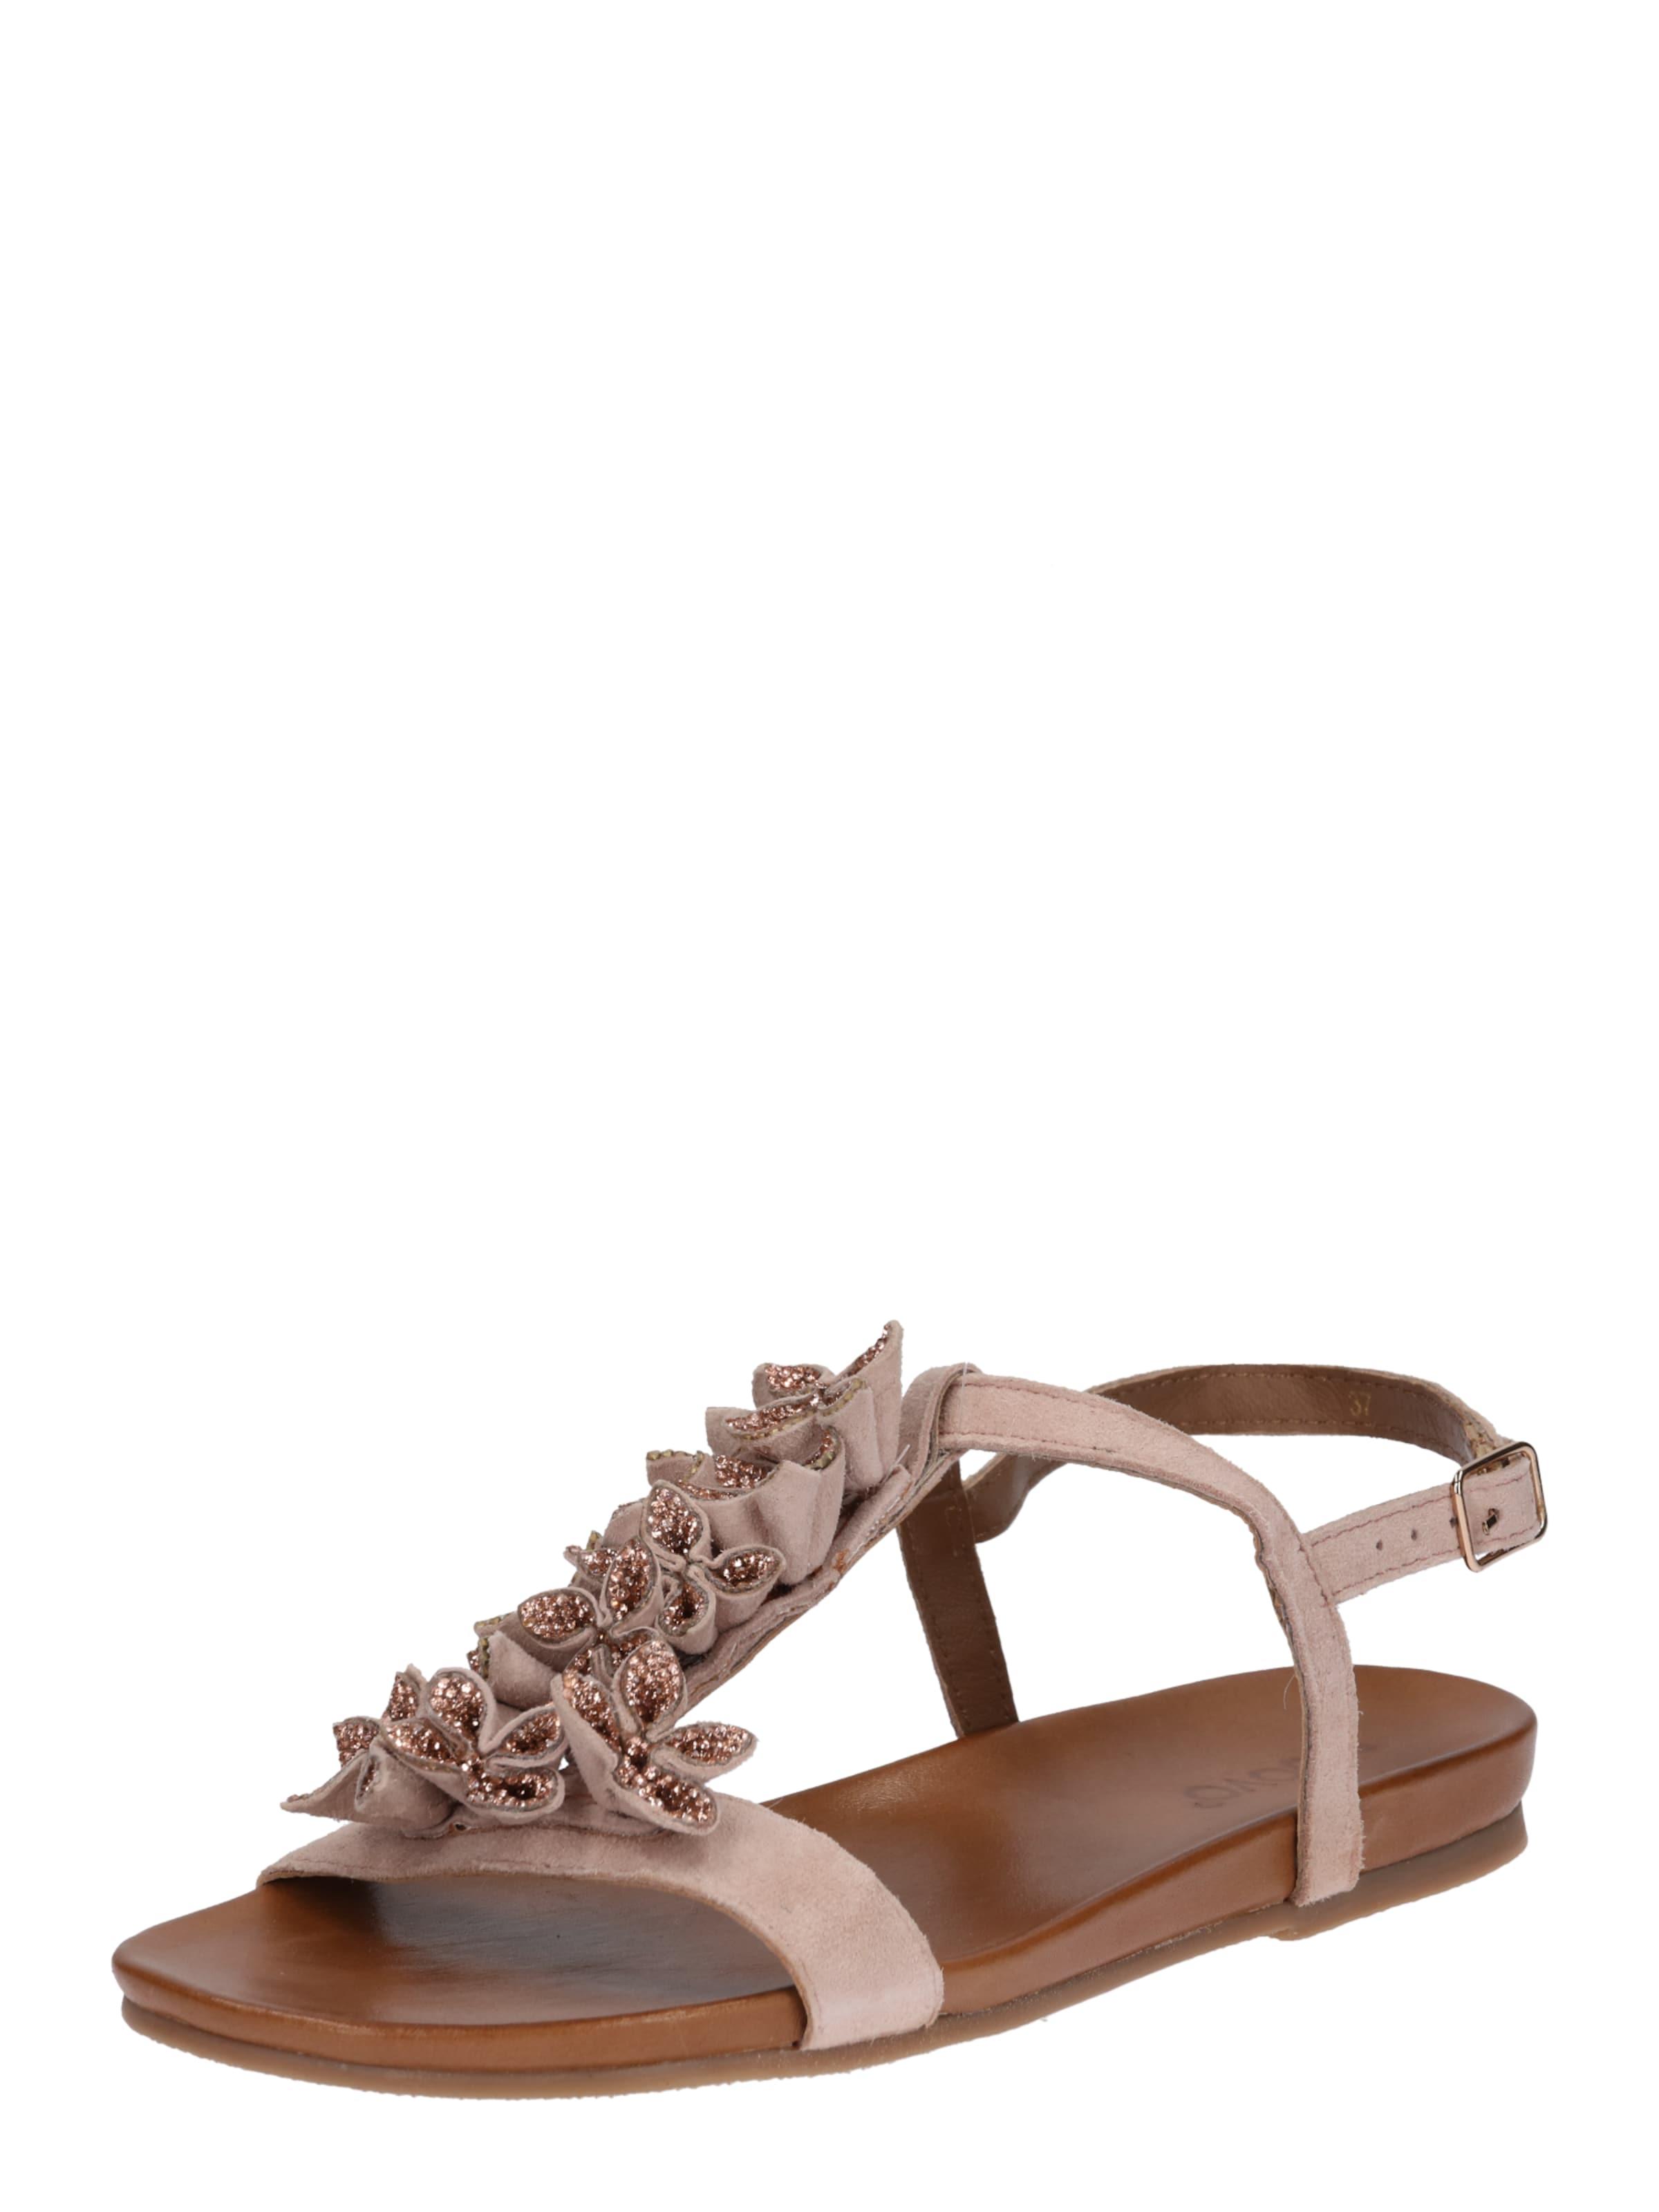 INUOVO Riemchensandalen Verschleißfeste billige Schuhe Hohe Qualität